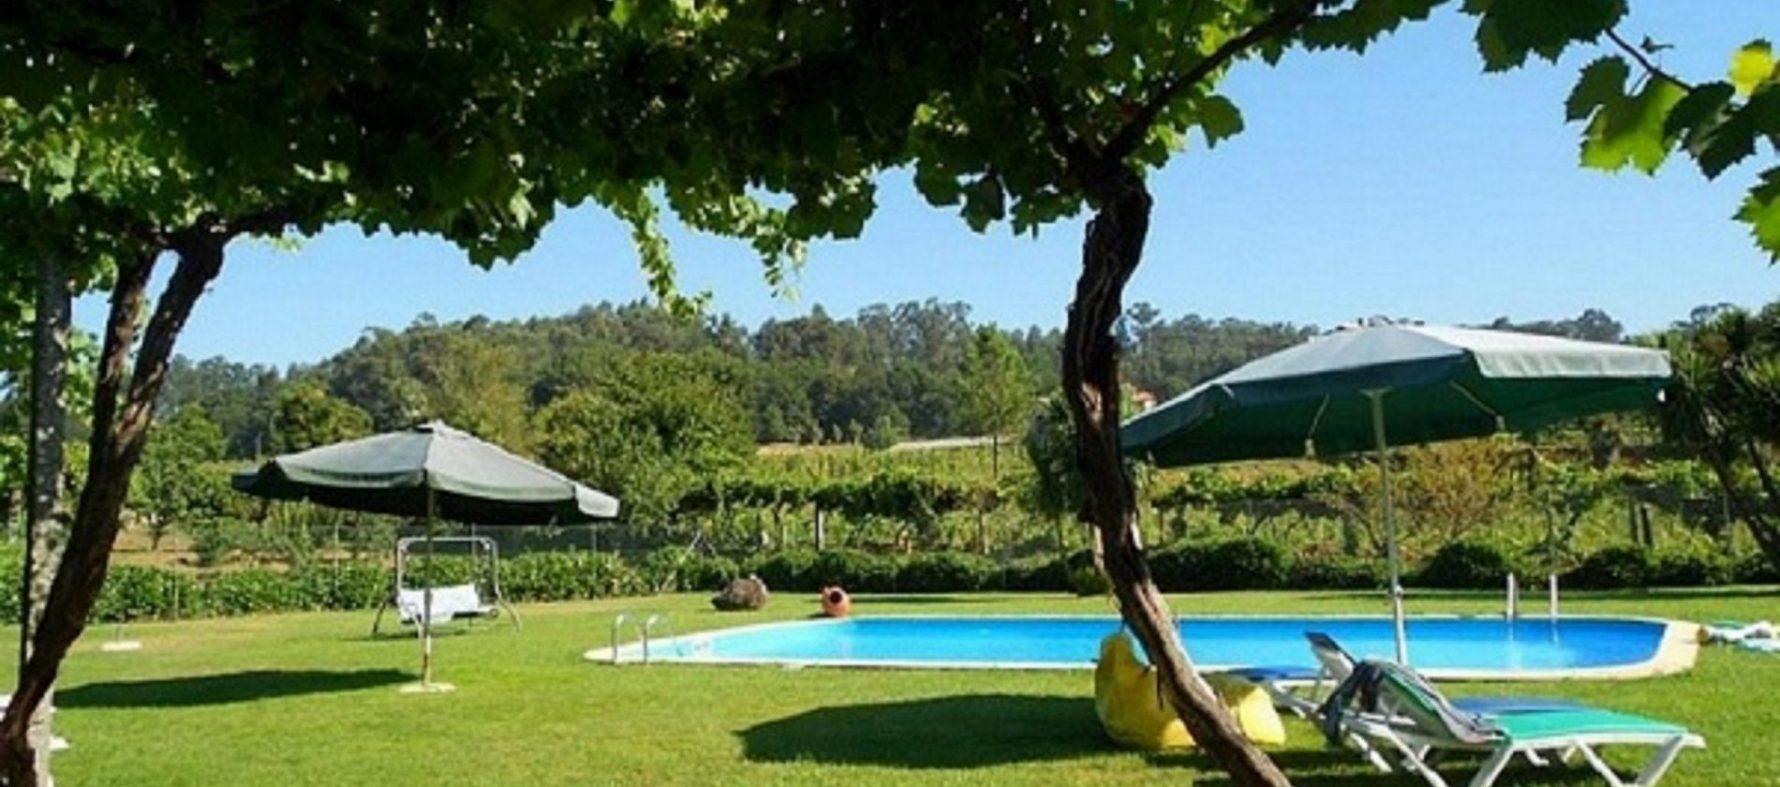 Área exterior – piscina